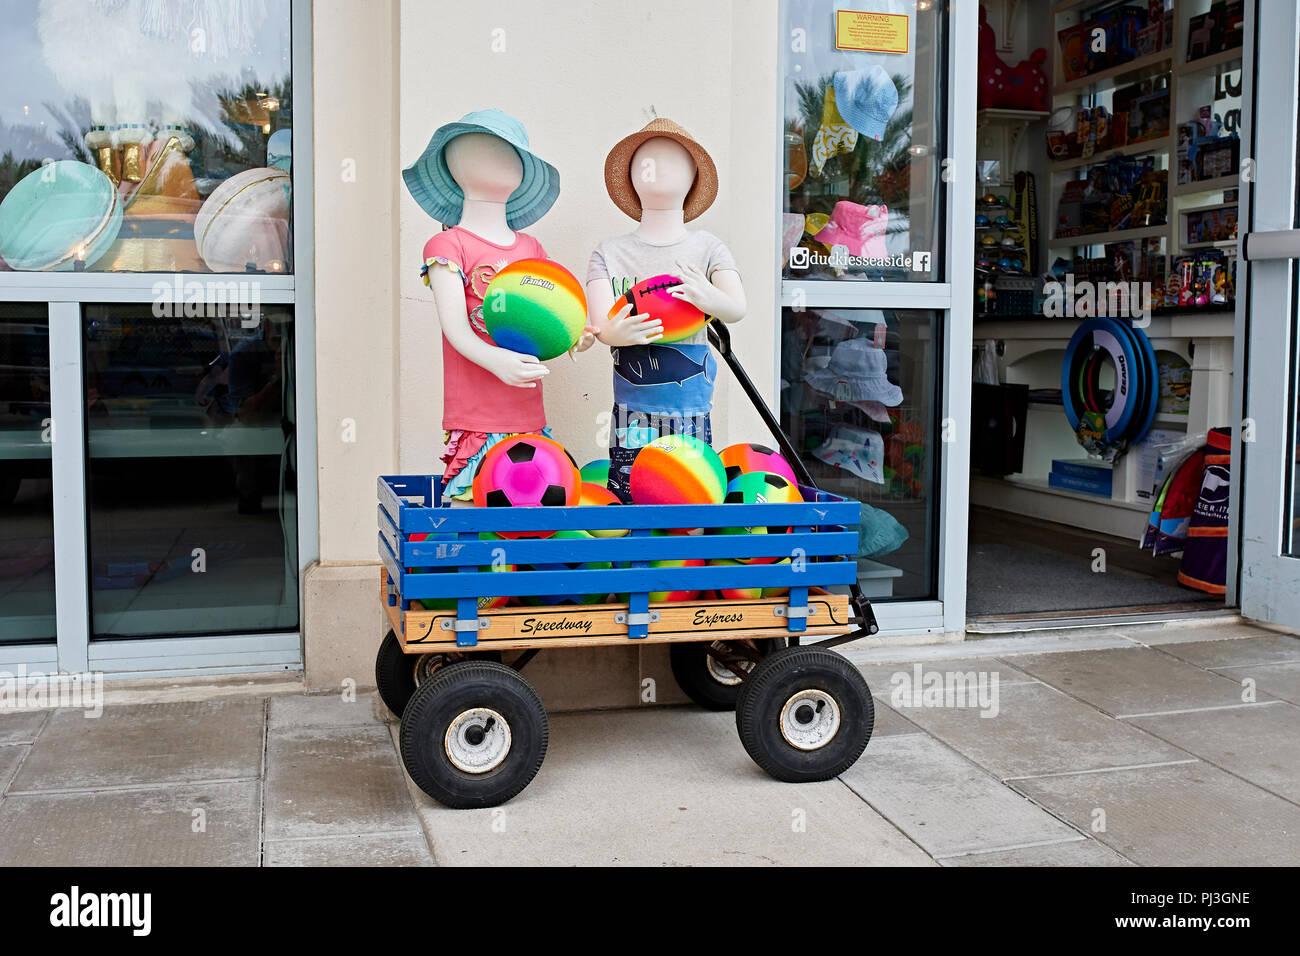 Tienda pantalla exterior de coloridas prendas para niños y juguetes de playa  en la parte delantera 6e01ca2495c4a